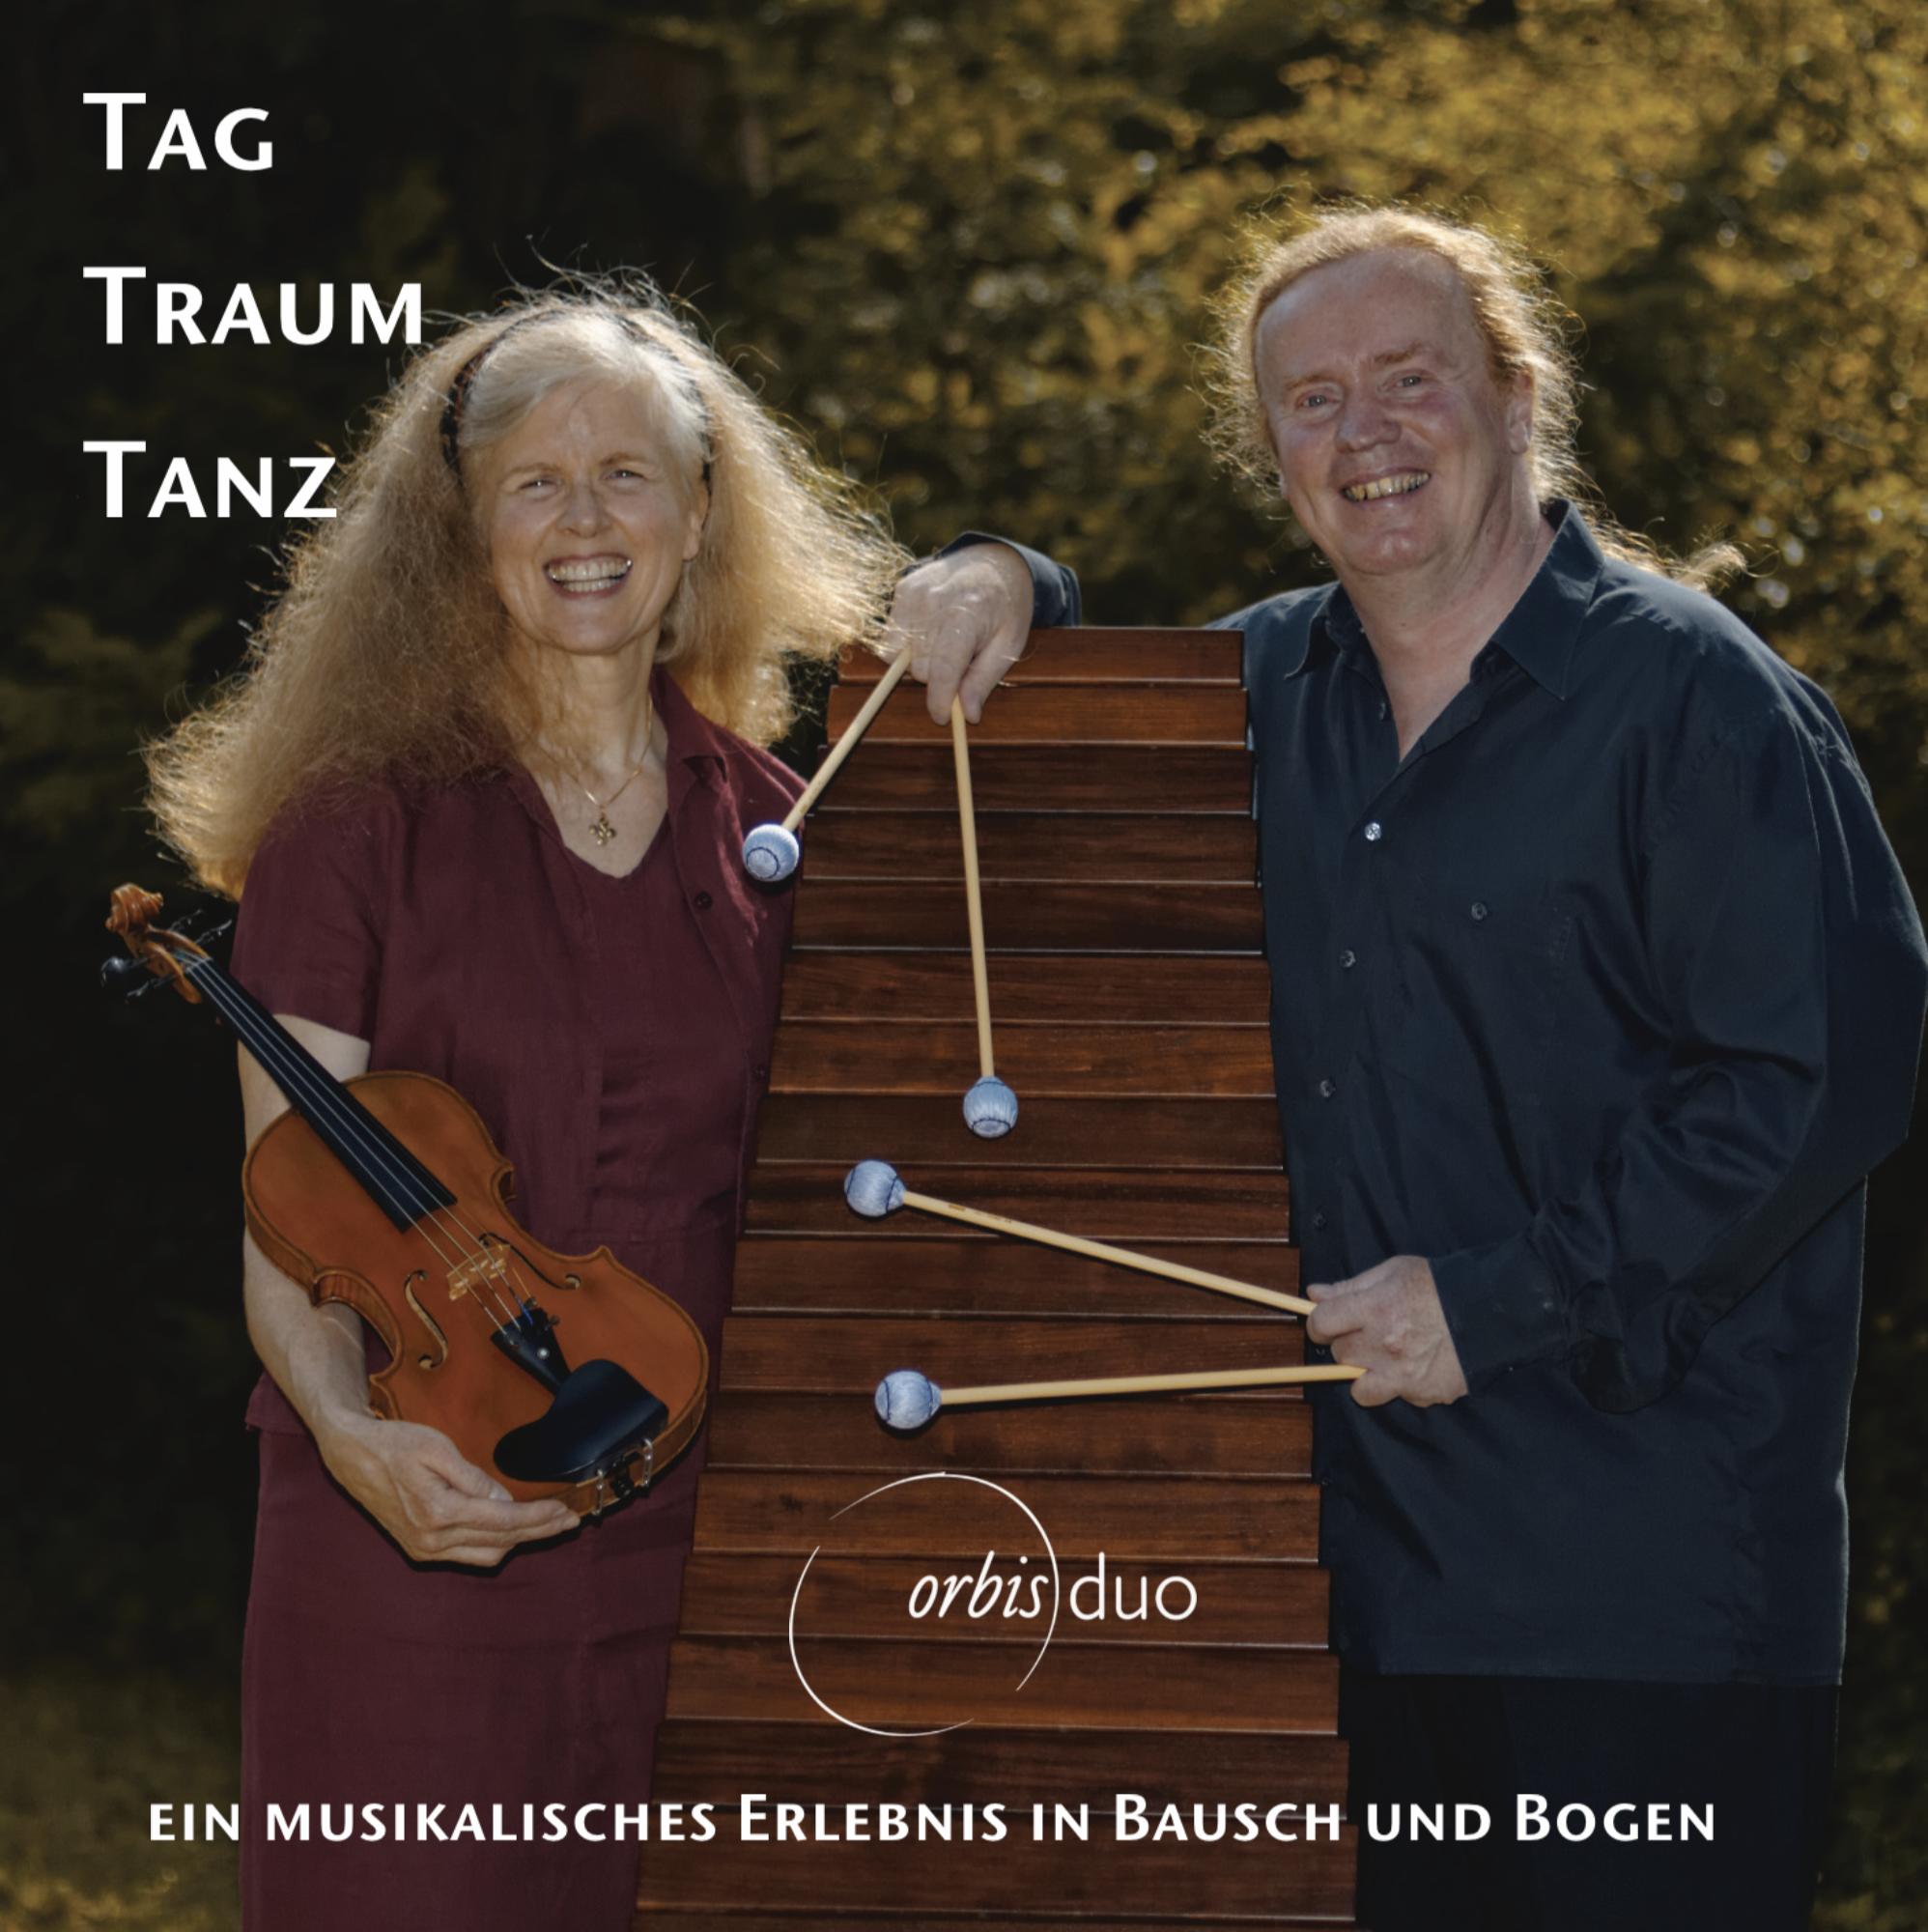 TAG-TRAUM-TANZ